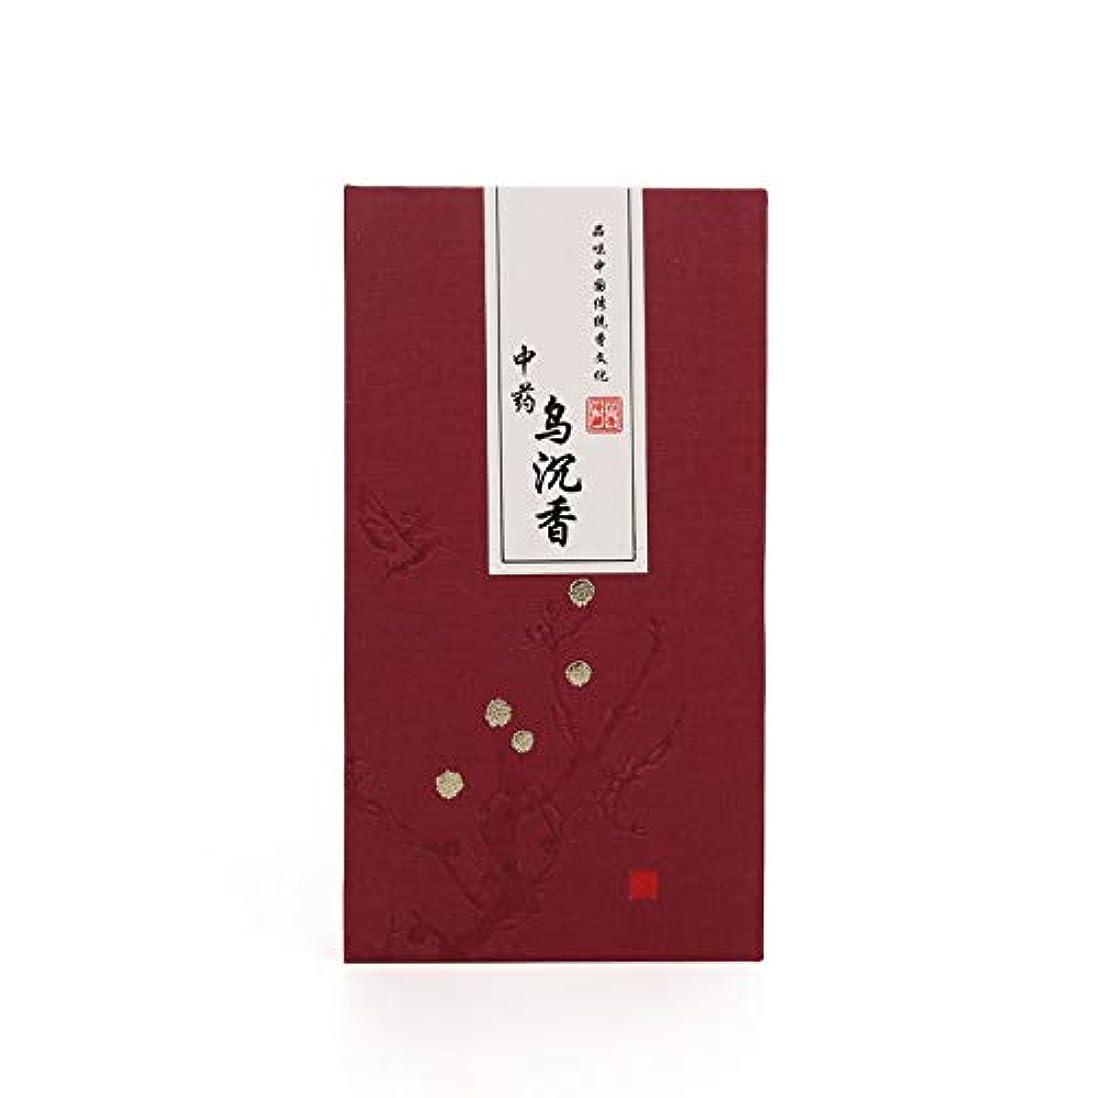 電子レンジ舌民族主義Diatems - 絶妙な箱入りの天然白檀の香りのお香、香りの木、辺材、ヒノキ、2時間、長期的な仏香、アロマテラピー[鳥サンダルウッド]